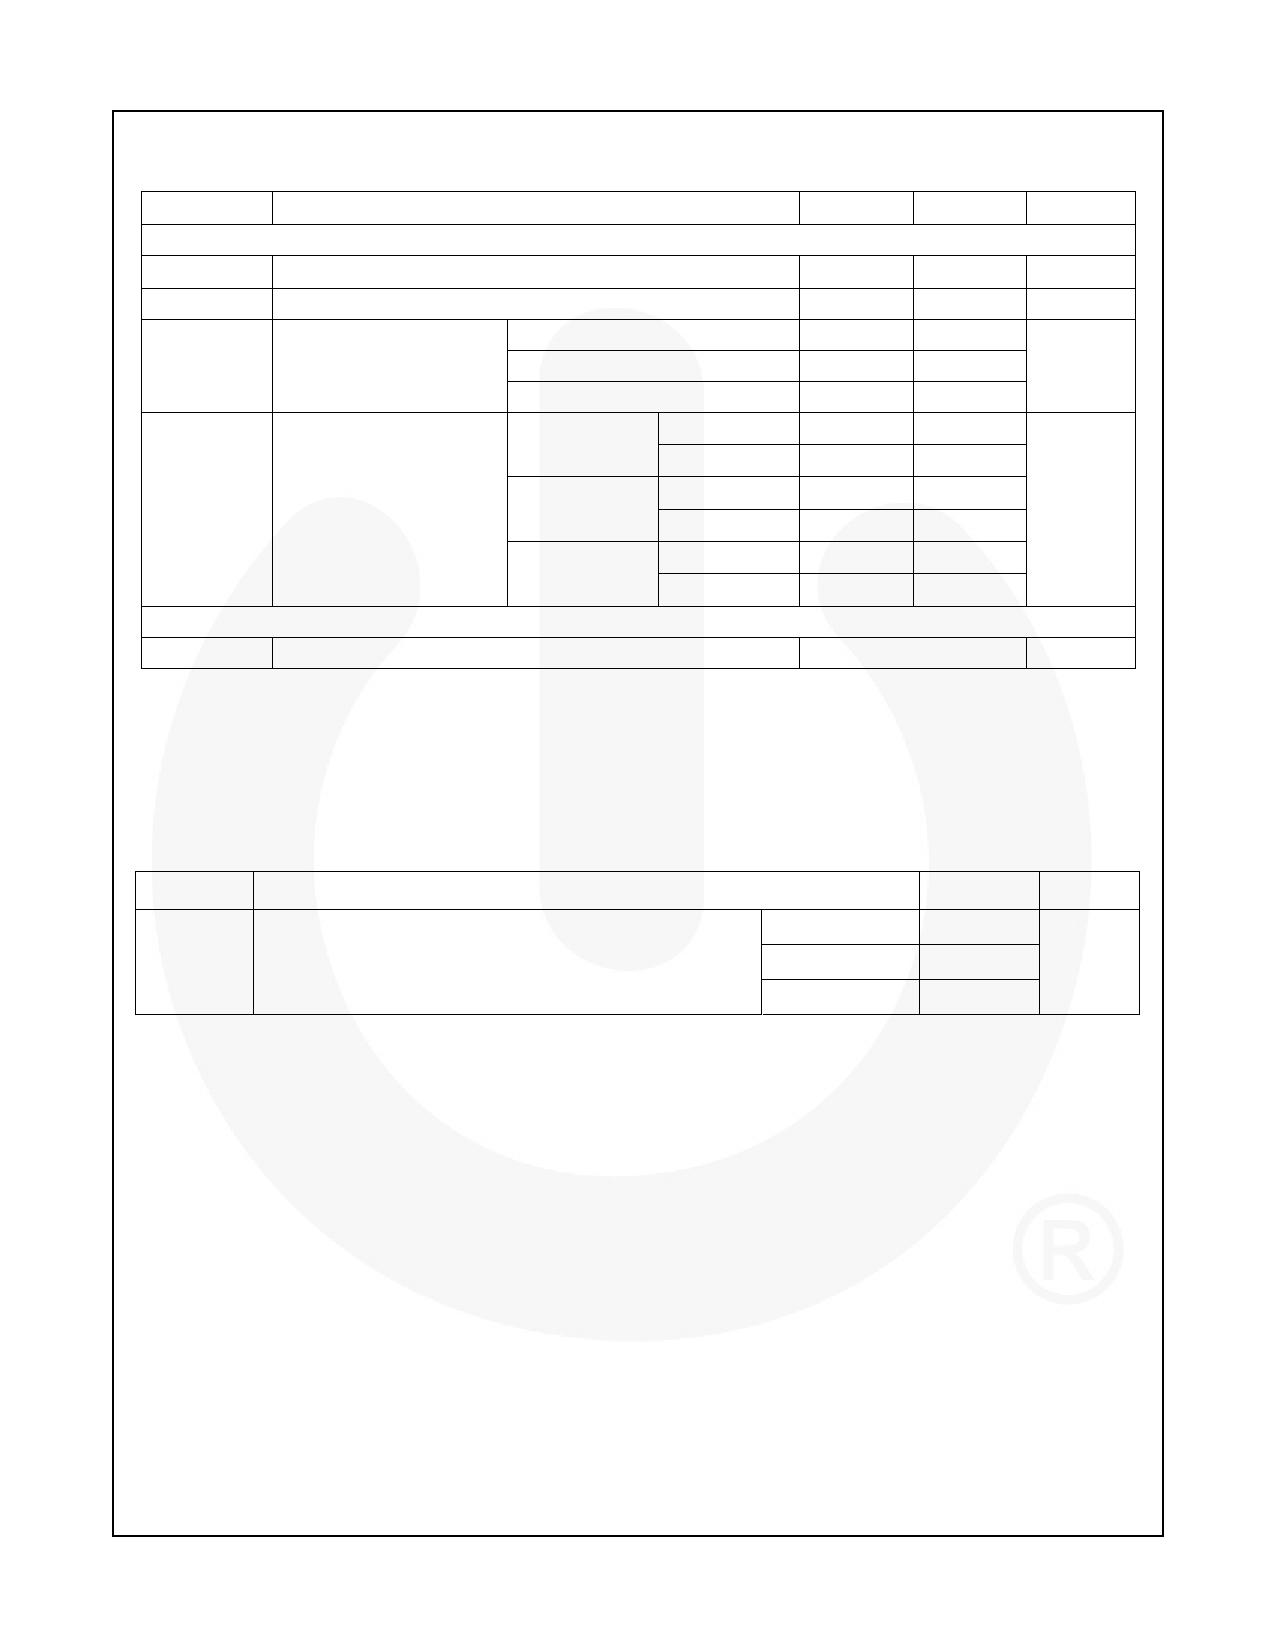 FSFR1800US pdf